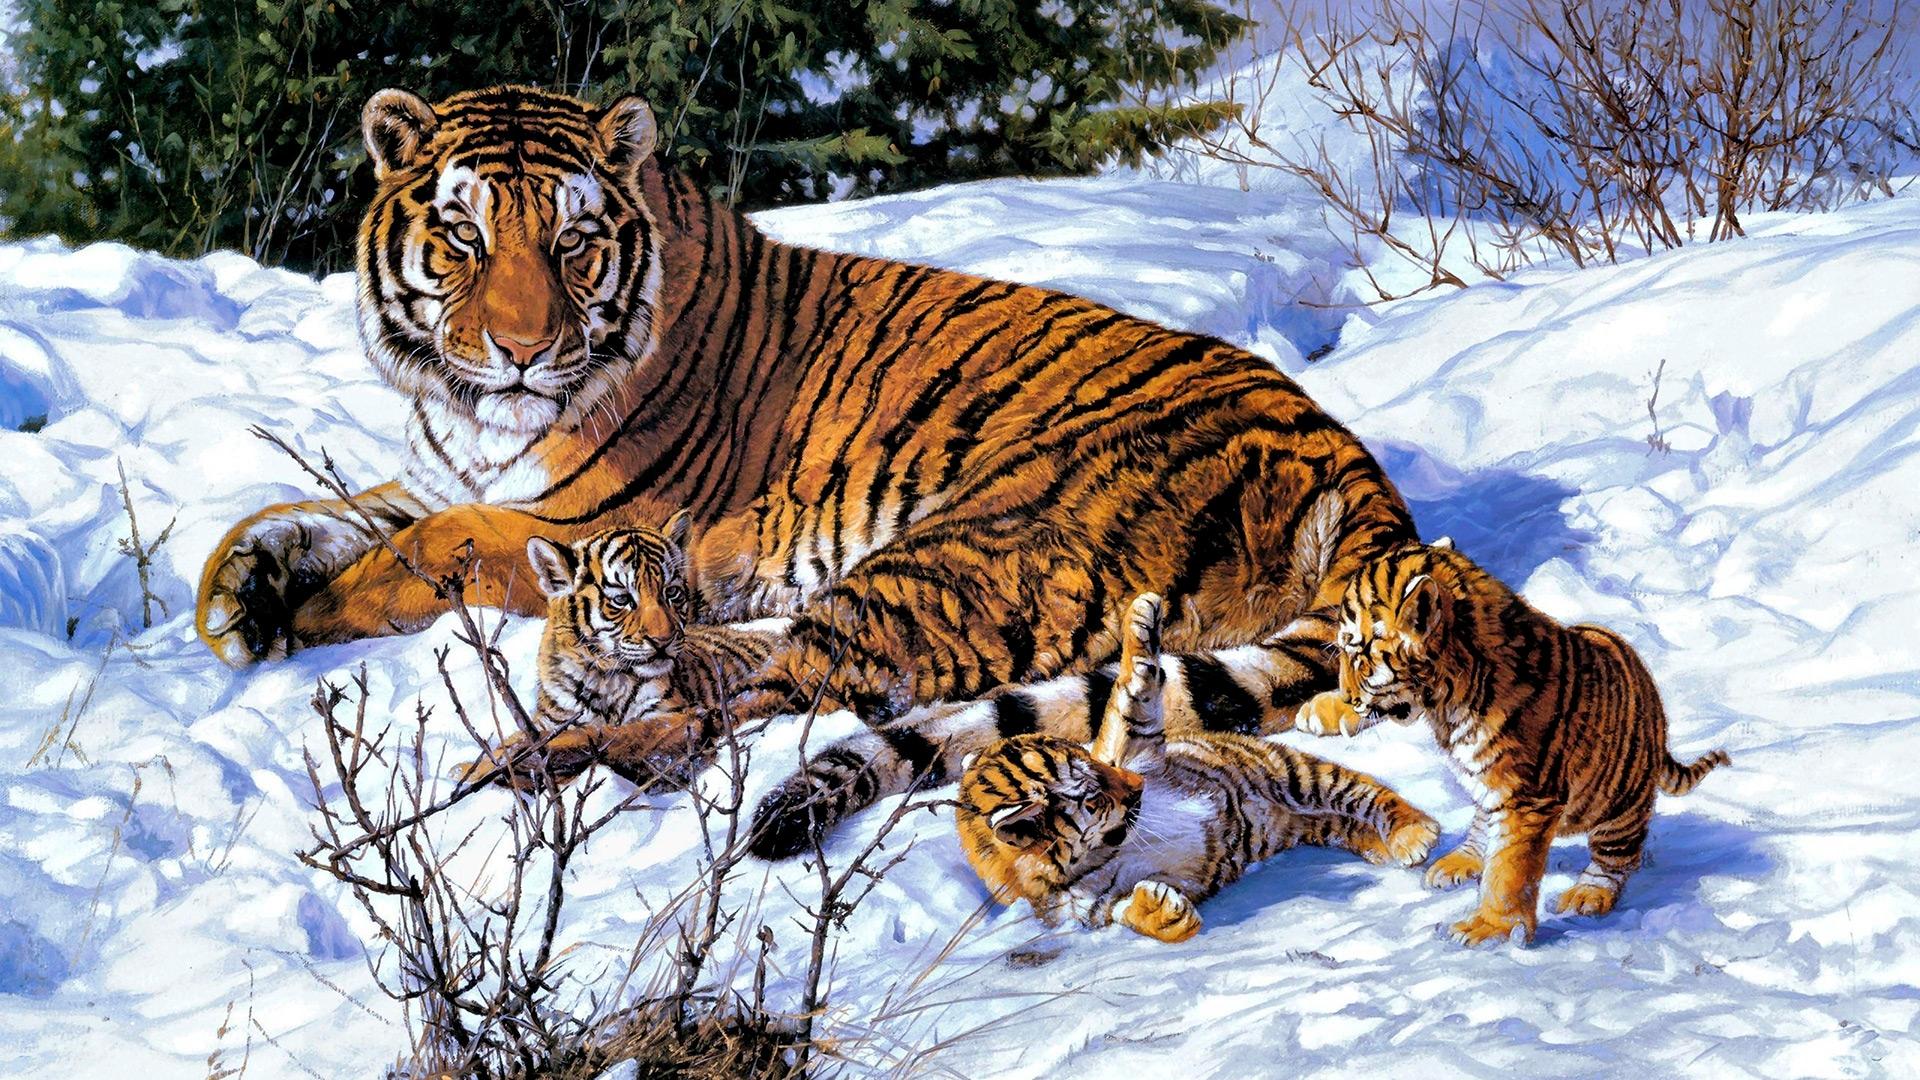 Картинка на рабочий стол тигр (2)